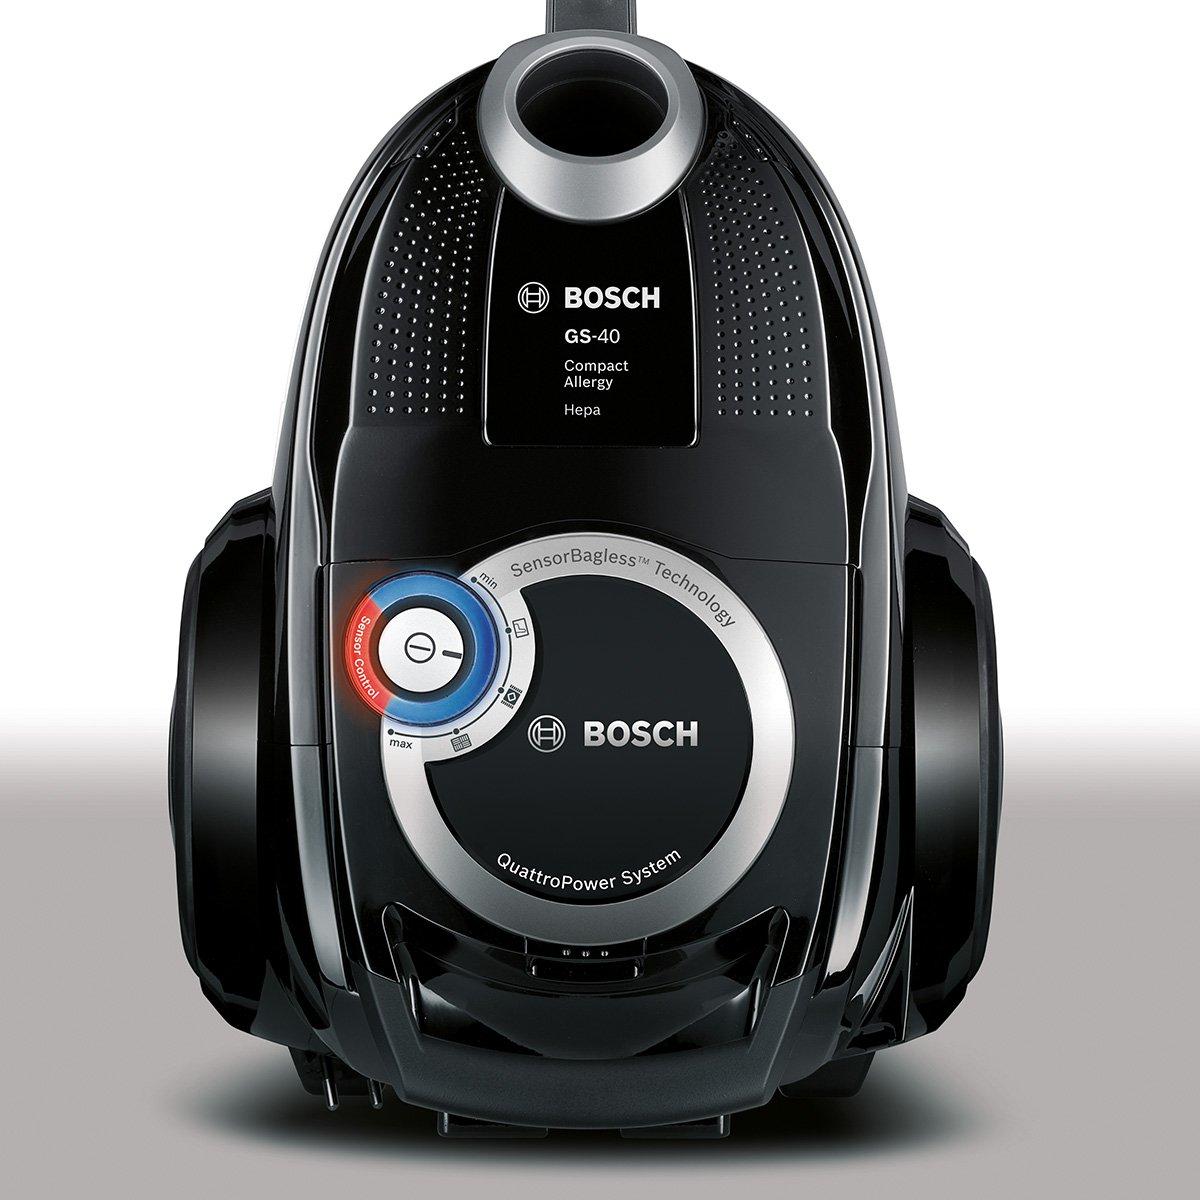 classe di consumo energetico A sensor control senza sacchetto Bosch BGC4U330 dacero aspirapolvere Runnn quattro iony sistema Nero